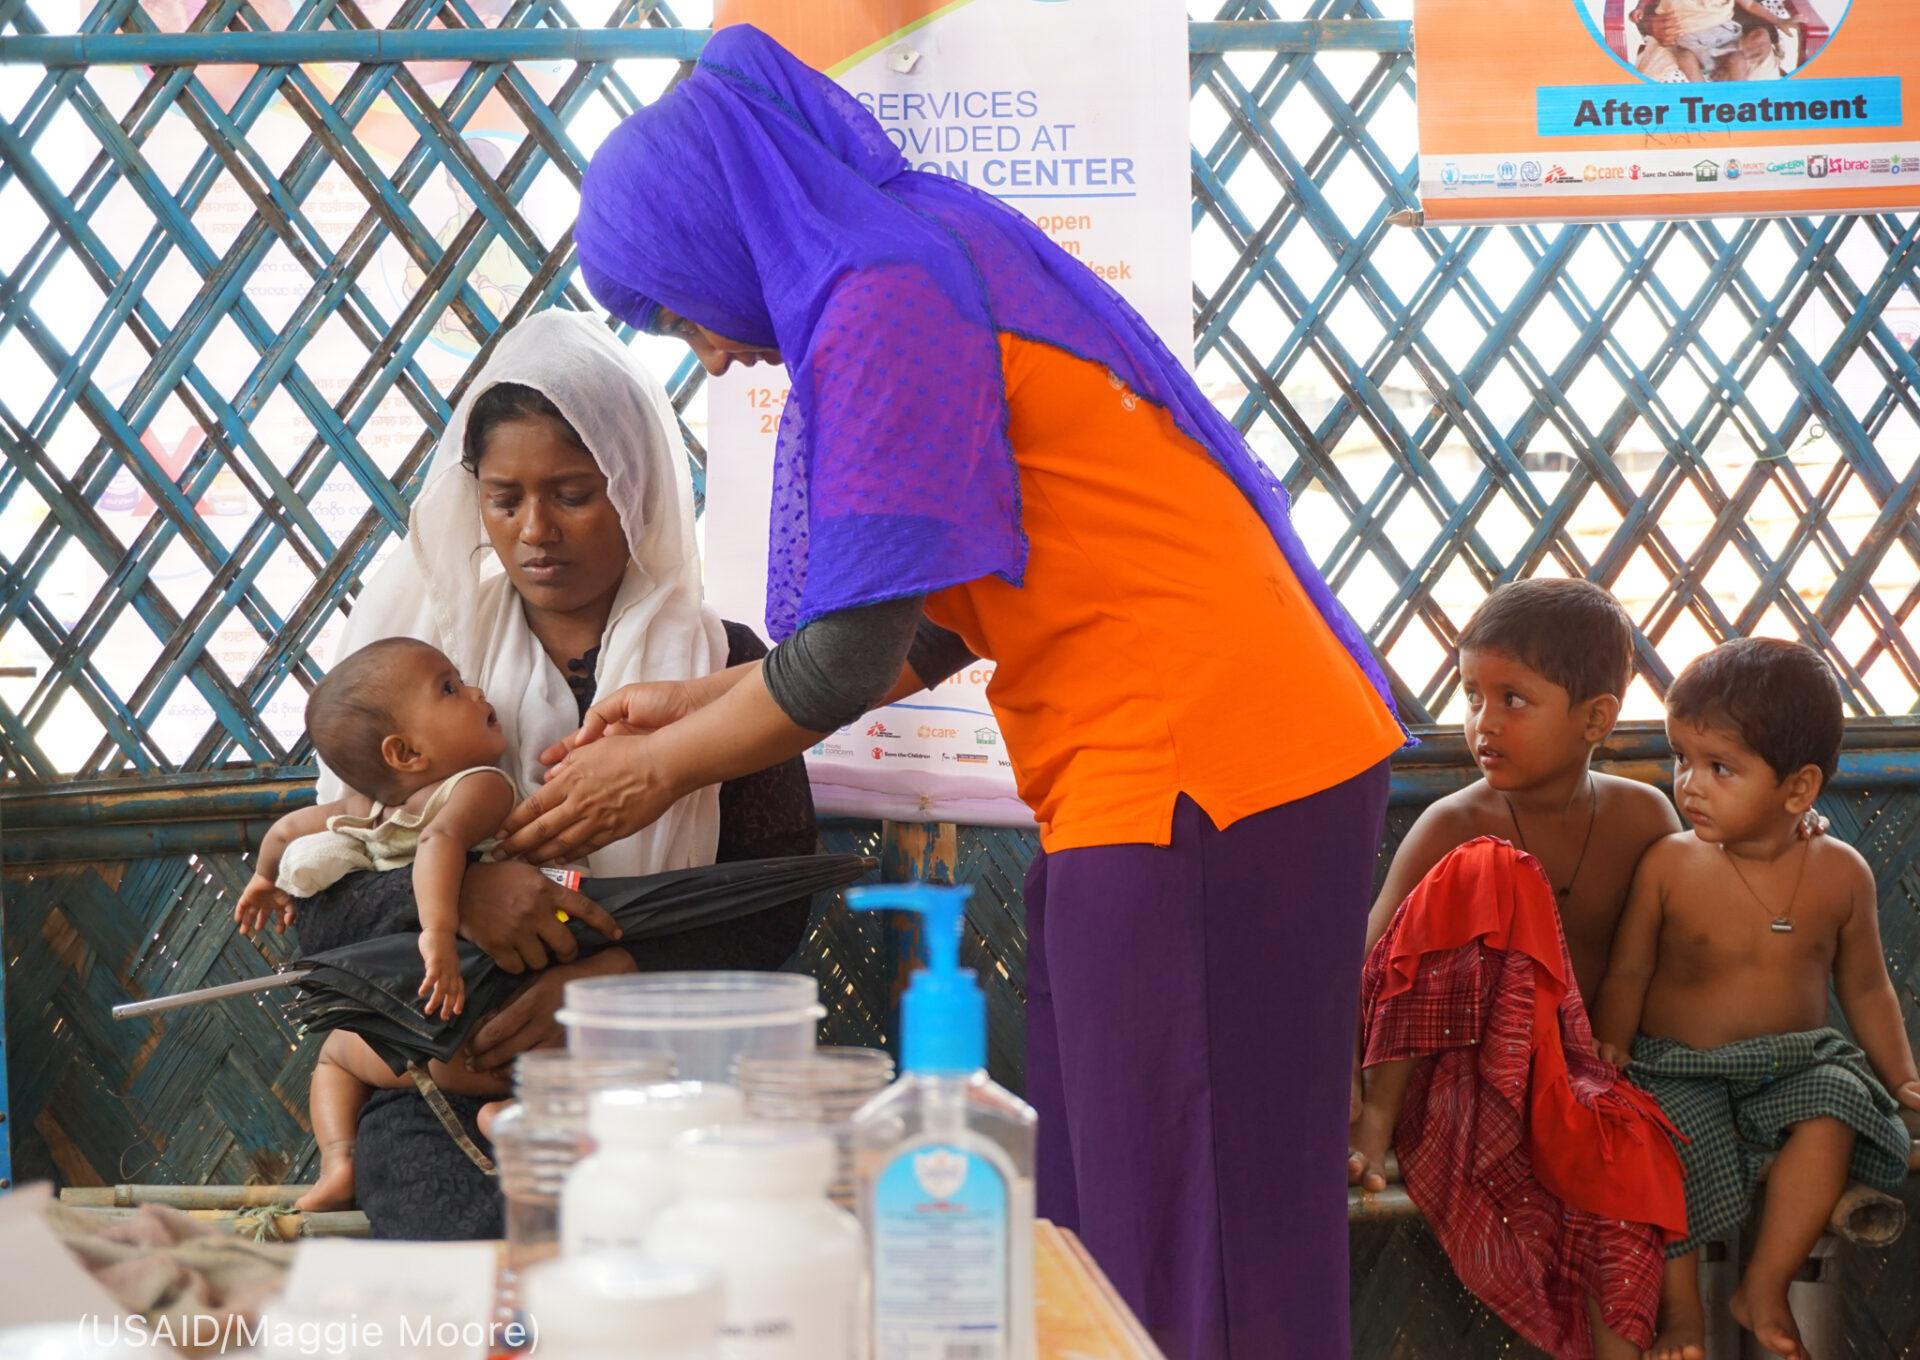 Perempuan menggendong bayi untuk diperiksa oleh perempuan lainnya sementara dua anak lainnya menyaksikan (USAID/Maggie Moore)